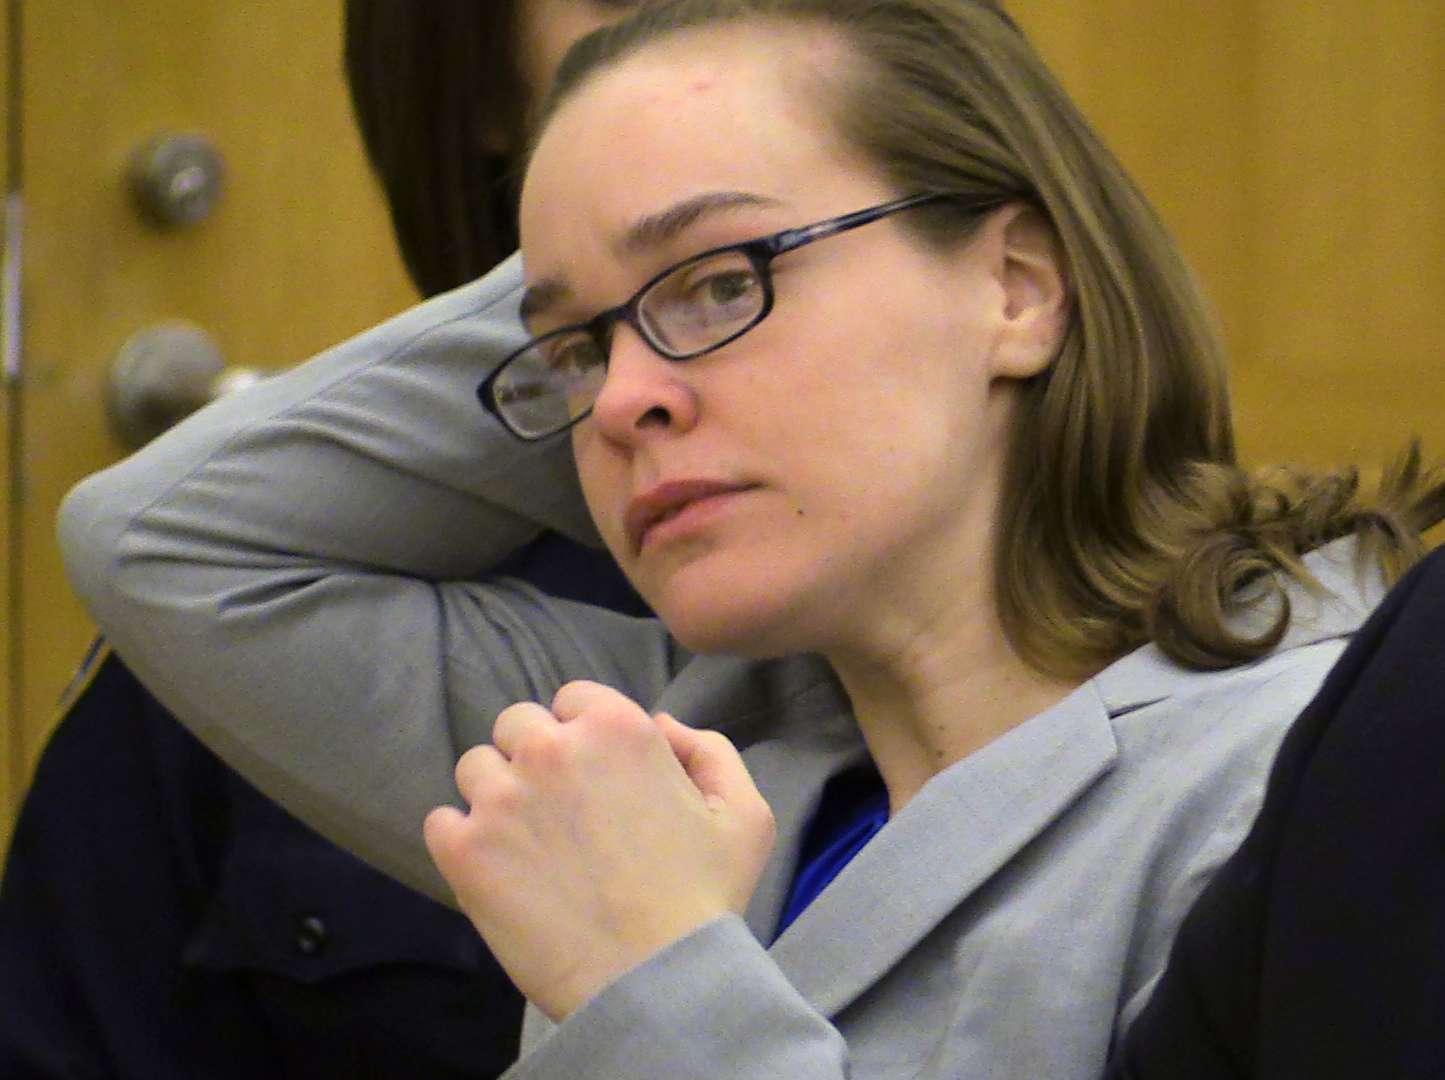 Lacey Spears al comienzo de su juicio en White Plains, Nueva York, el 3 de febrero del 2015. Foto: AP en español